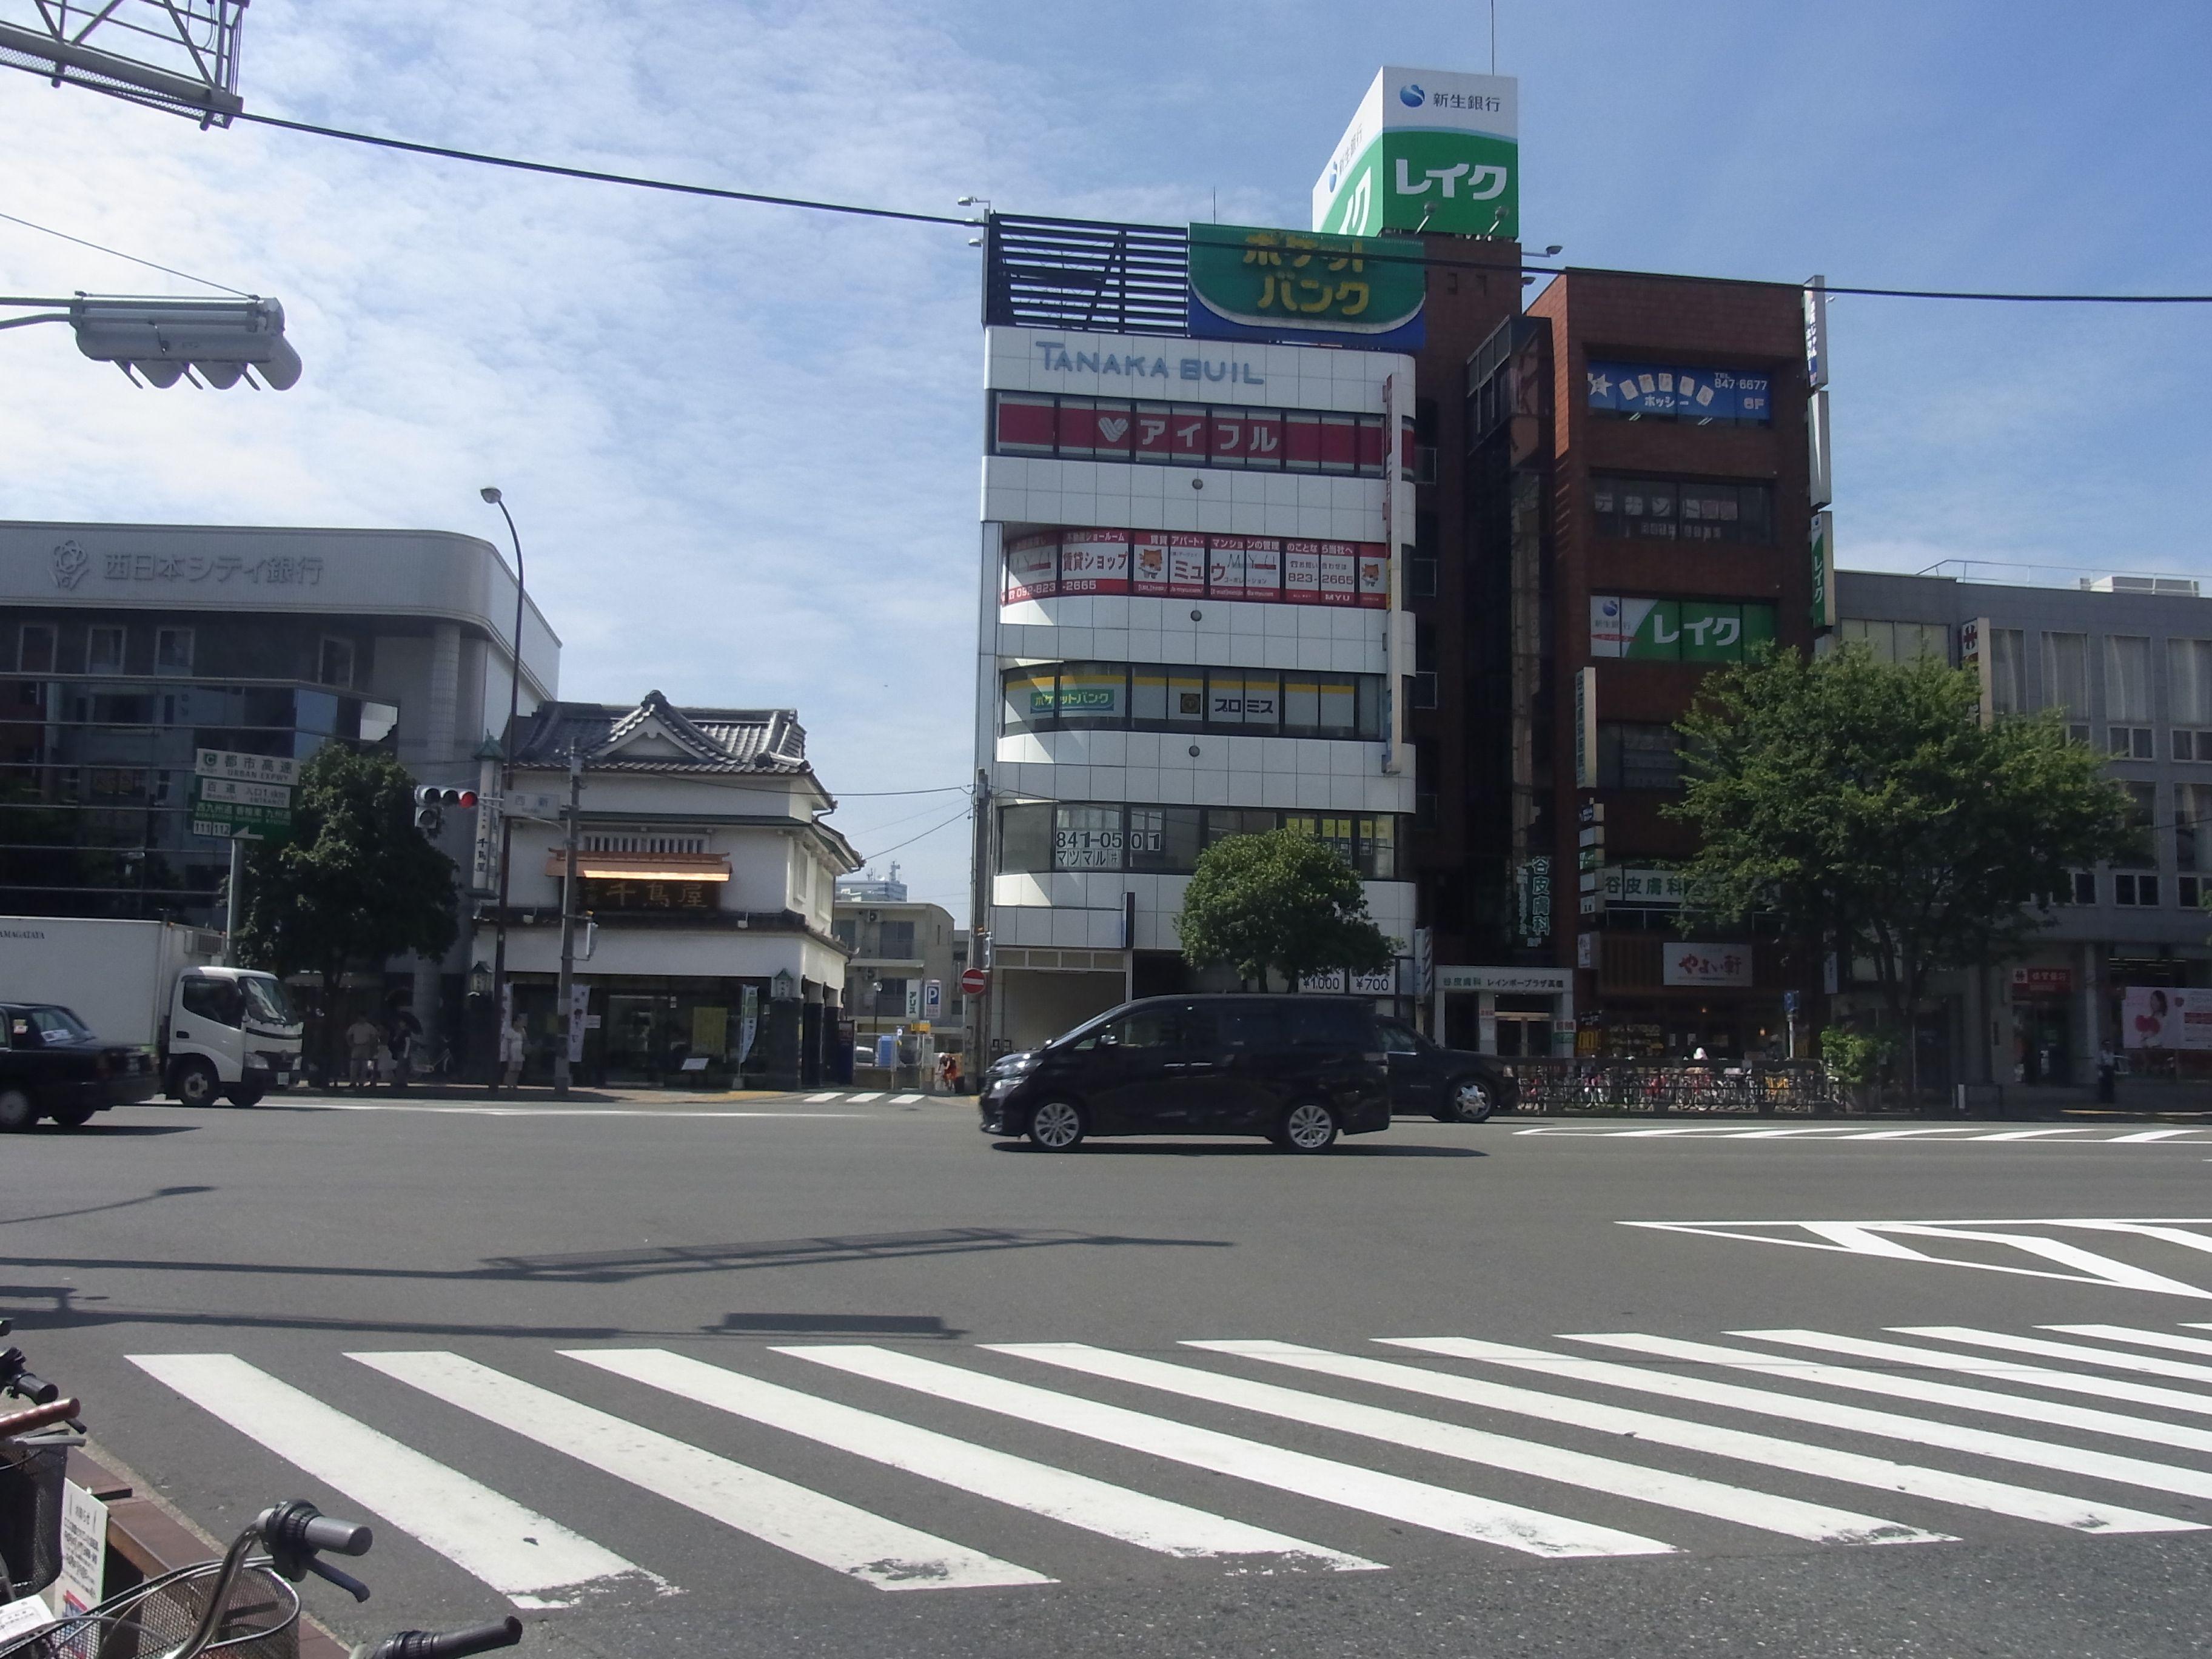 懐かしい 福岡・西新の街☆彡